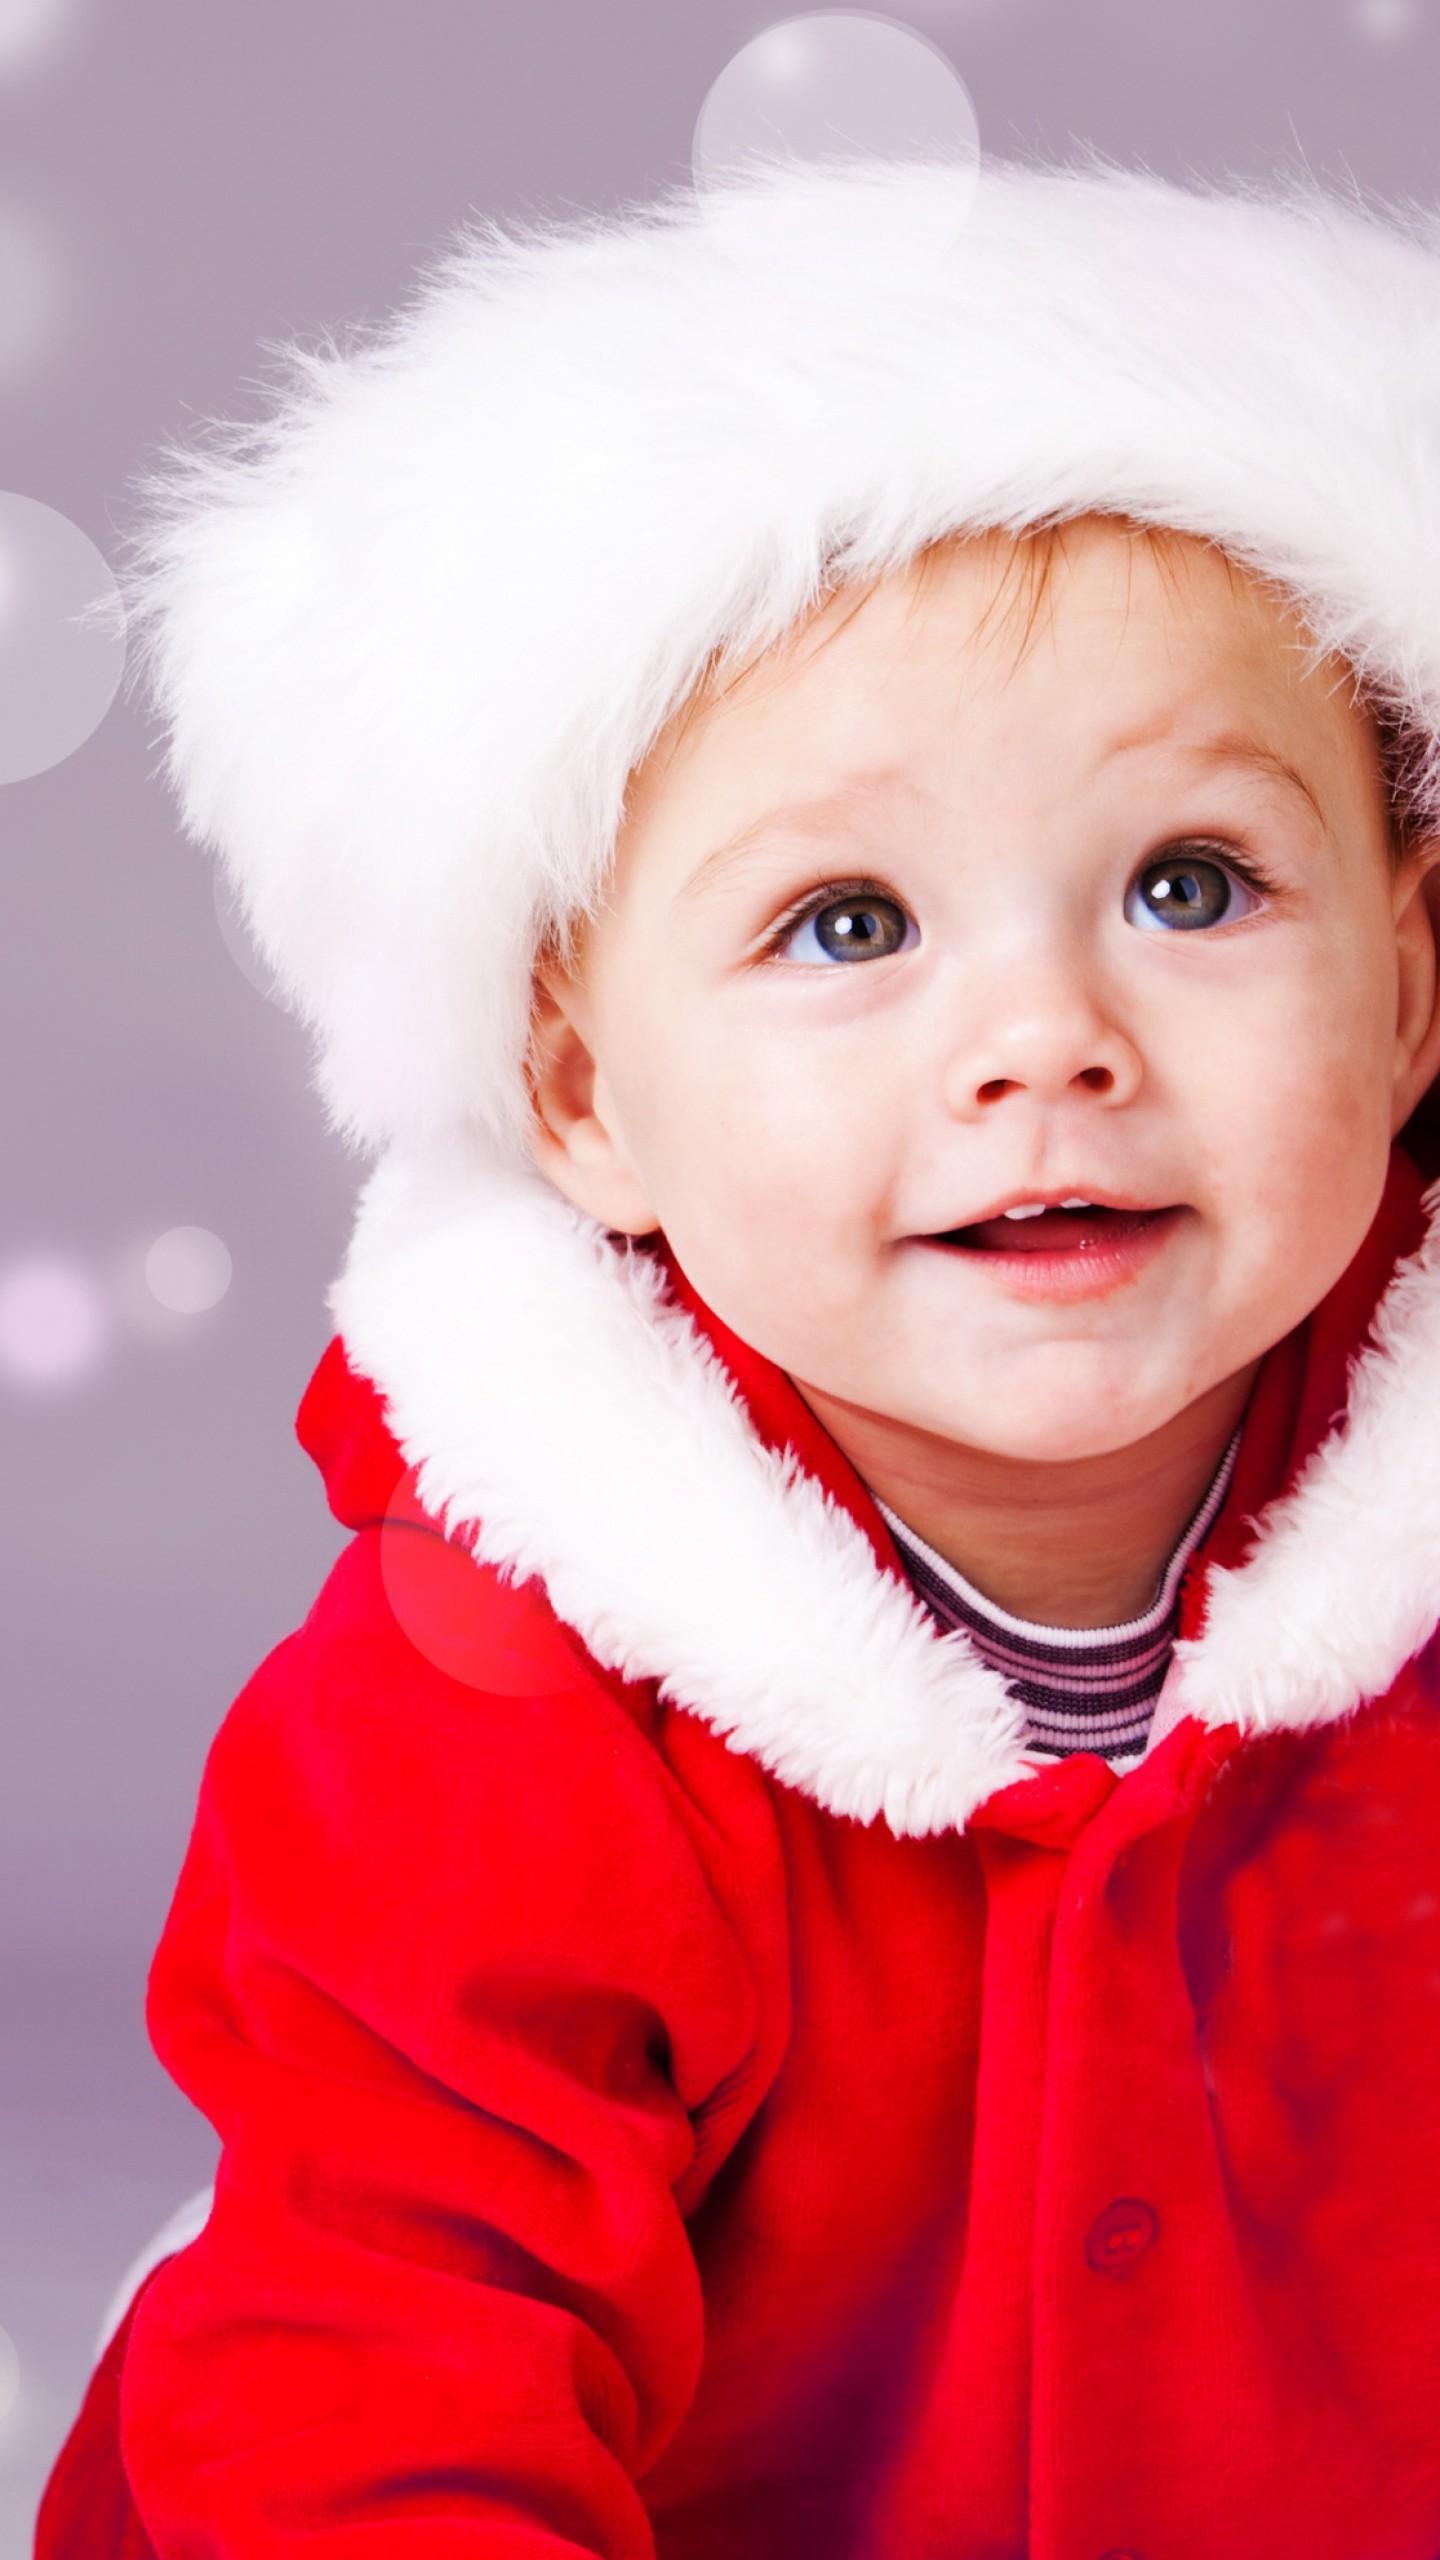 عکس زمینه پسر بچه با لباس قرمز زیبا پس زمینه